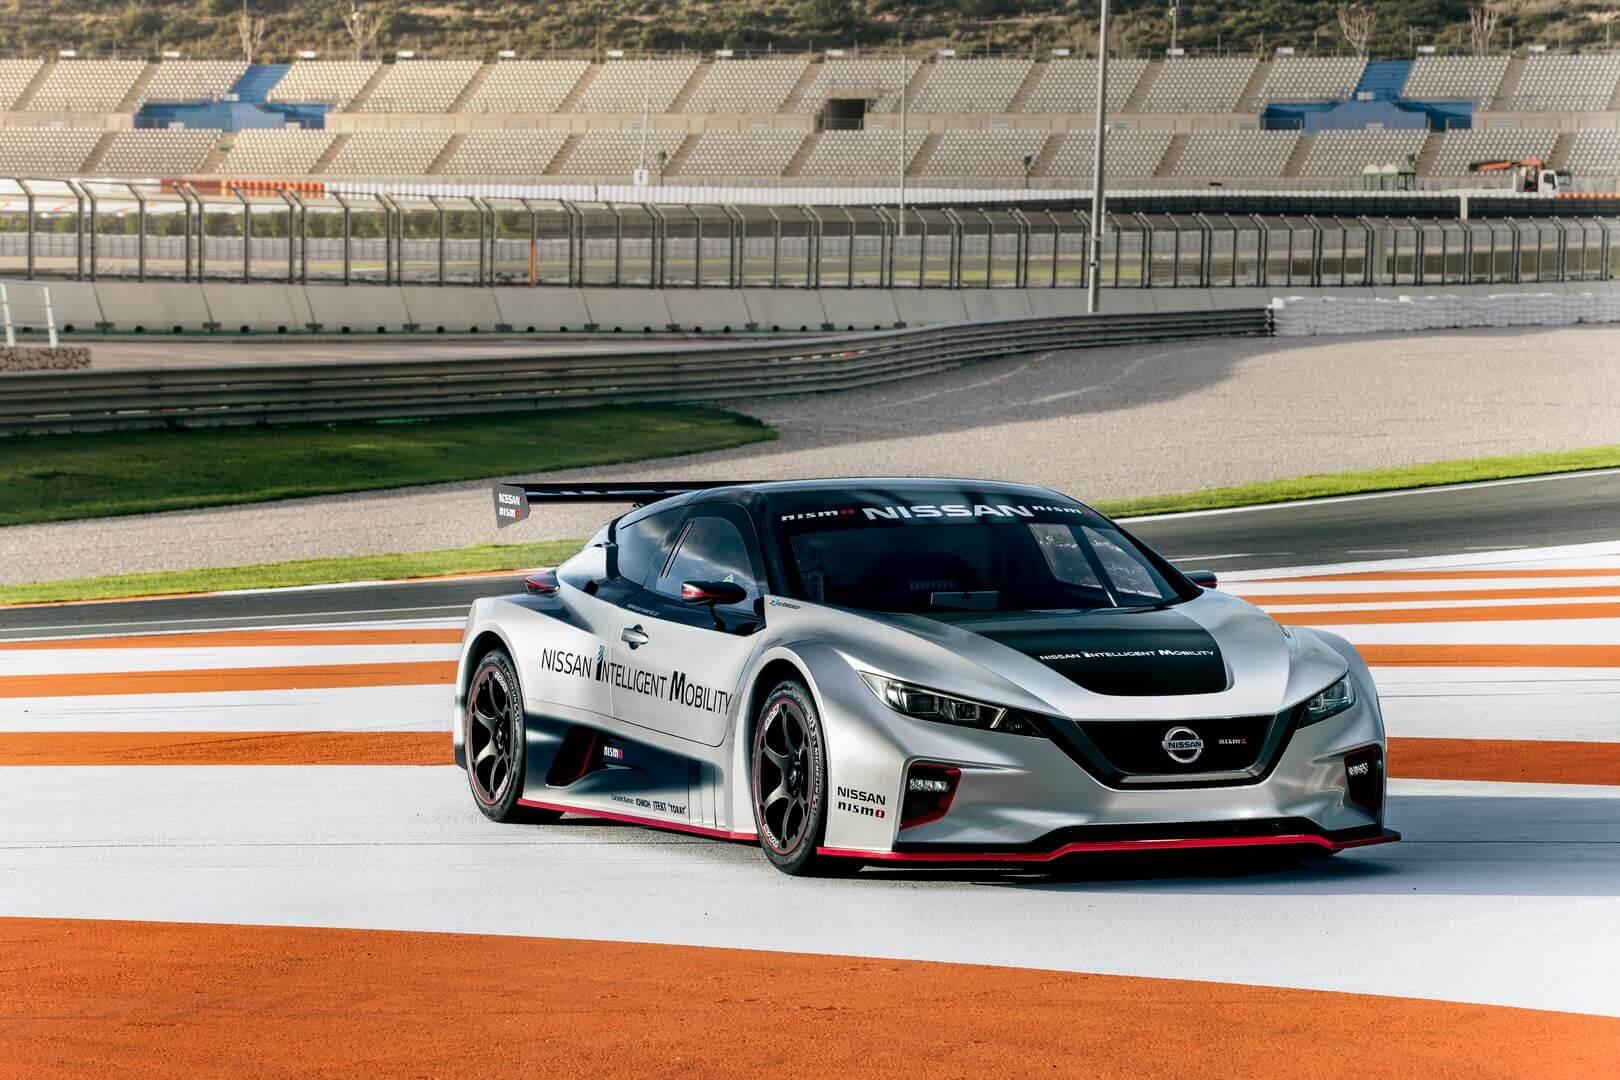 Nissan представил гоночный электромобиль LEAF NISMO RC в Европе